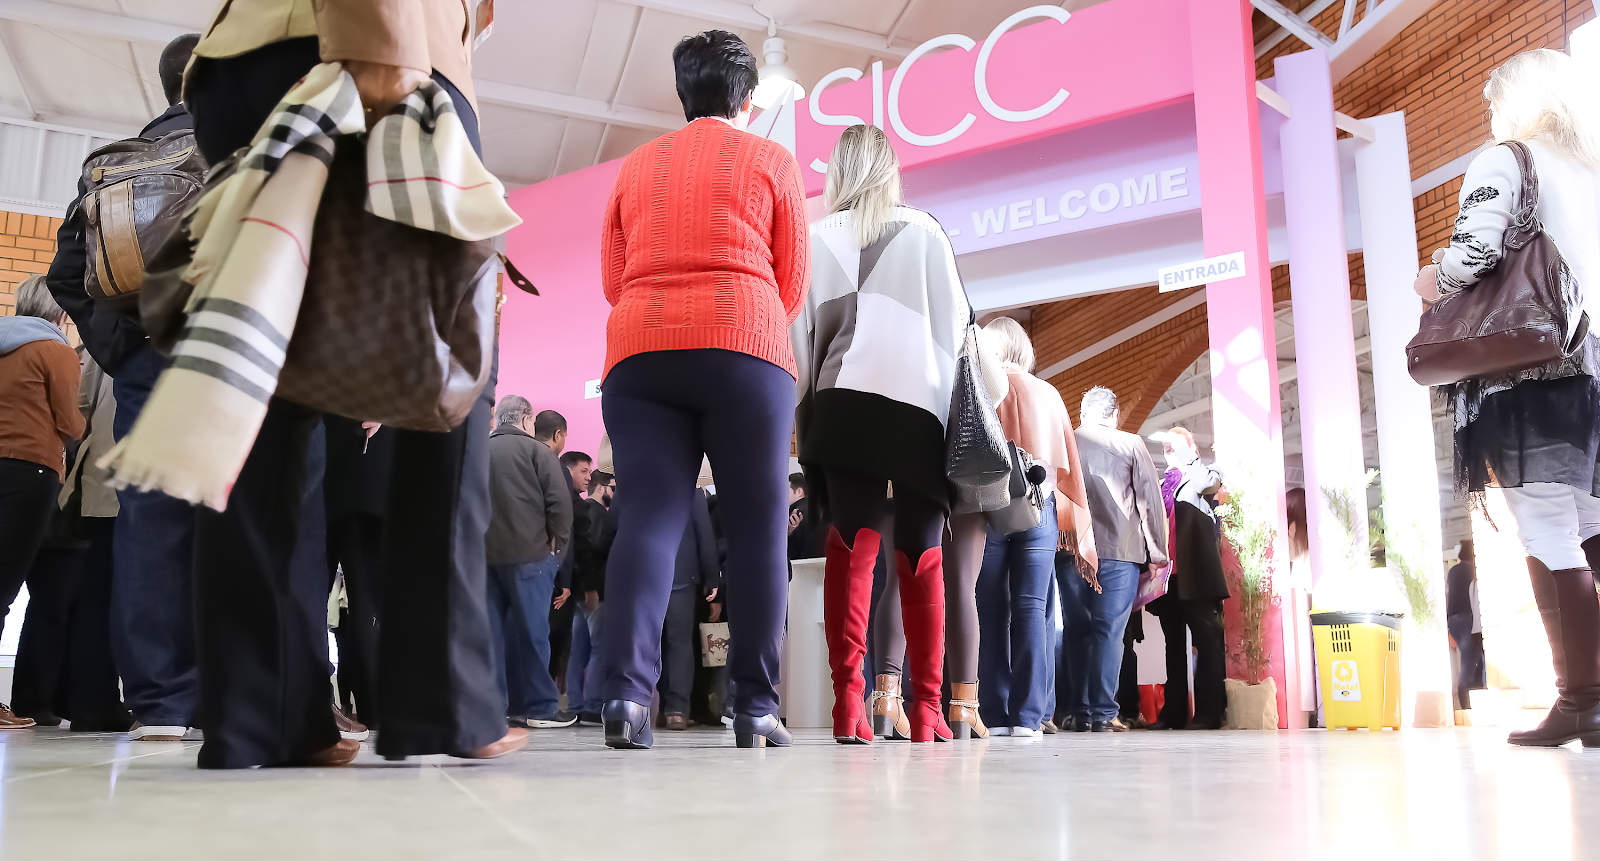 feiras de calçados SICC